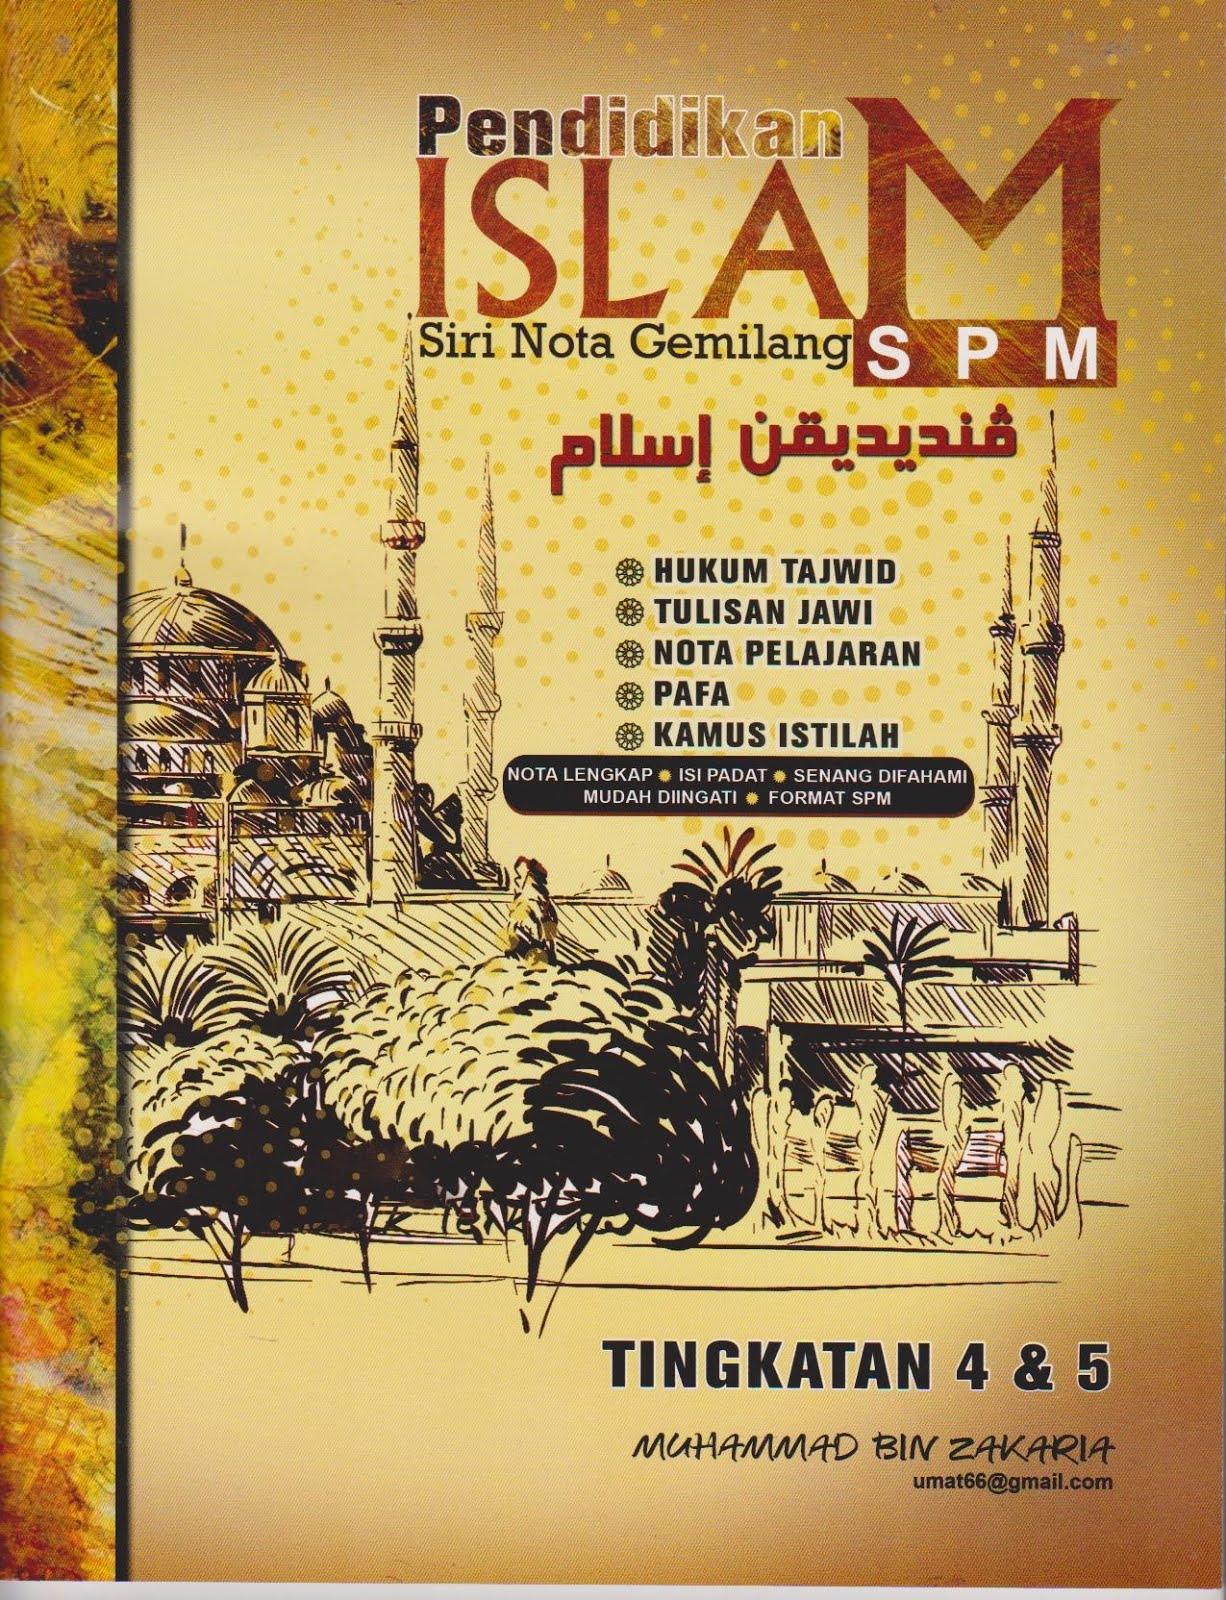 Download Rpt Pendidikan islam Tahun 5 Berguna Kalam Diri Bank soalan 2018 Of Himpunan Rpt Pendidikan islam Tahun 5 Yang Bernilai Khas Untuk Ibubapa Lihat!